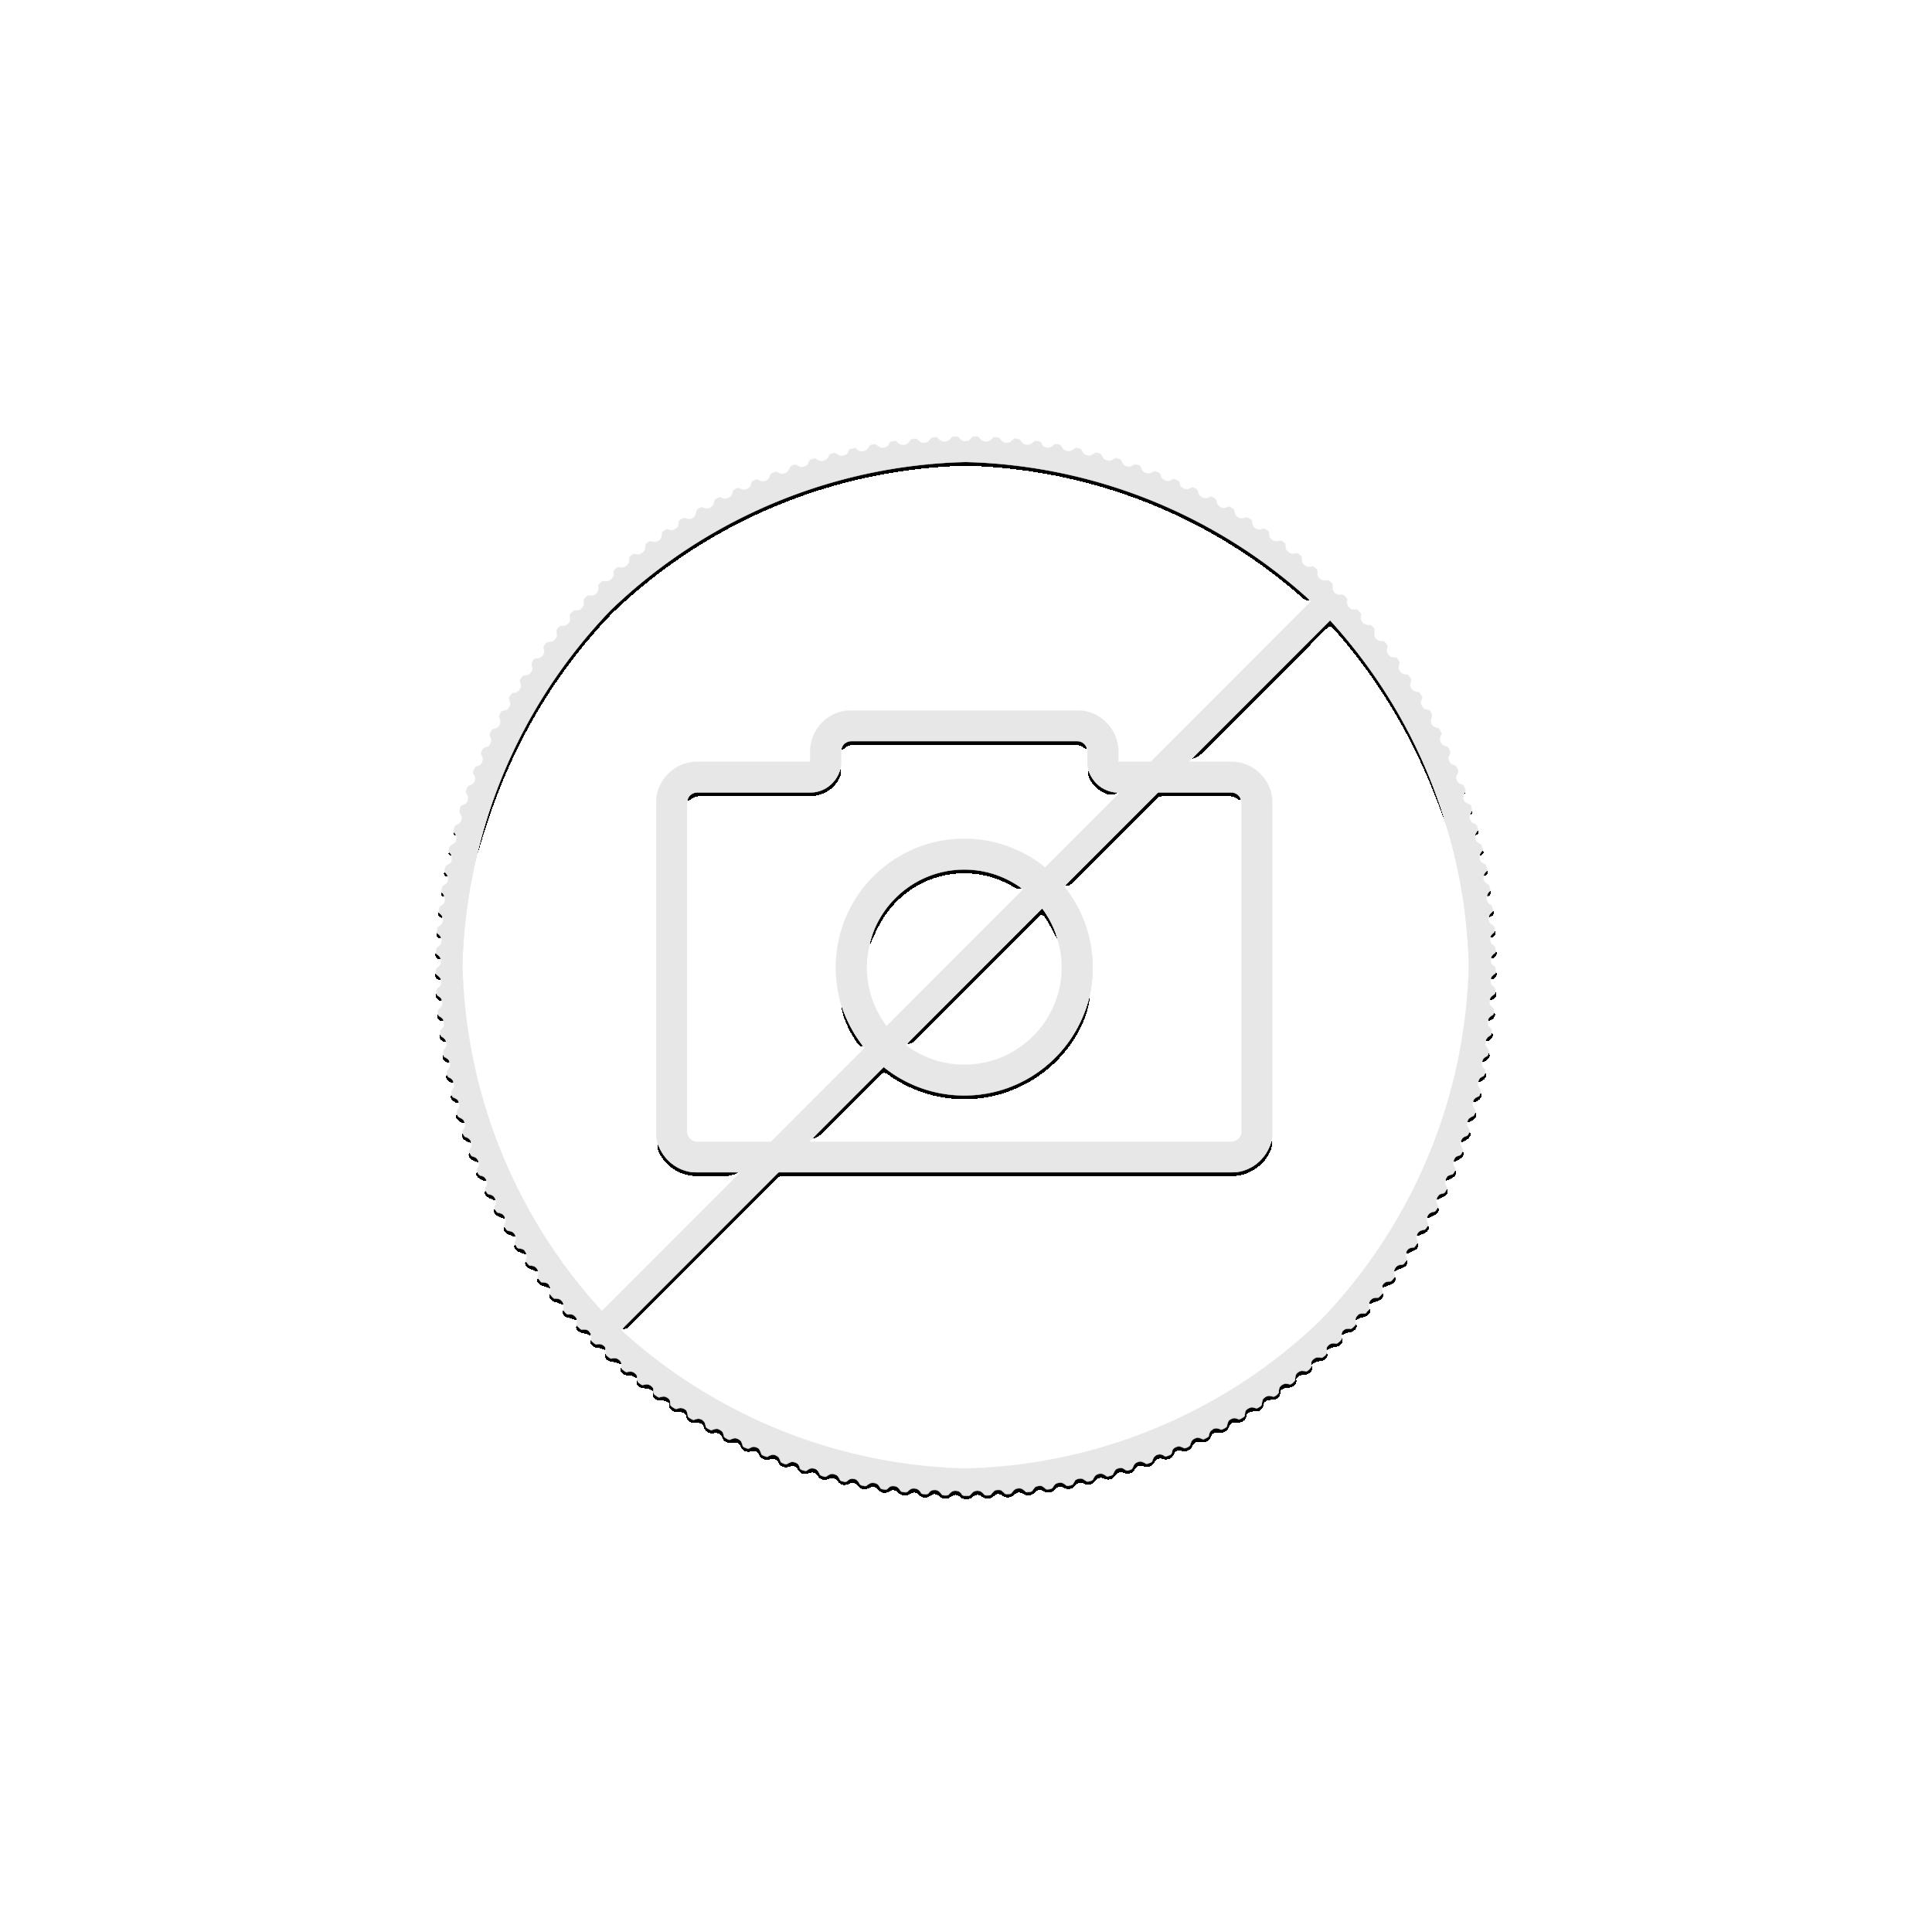 1 troy ounce zilveren munt American Eagle Chameleon 2020